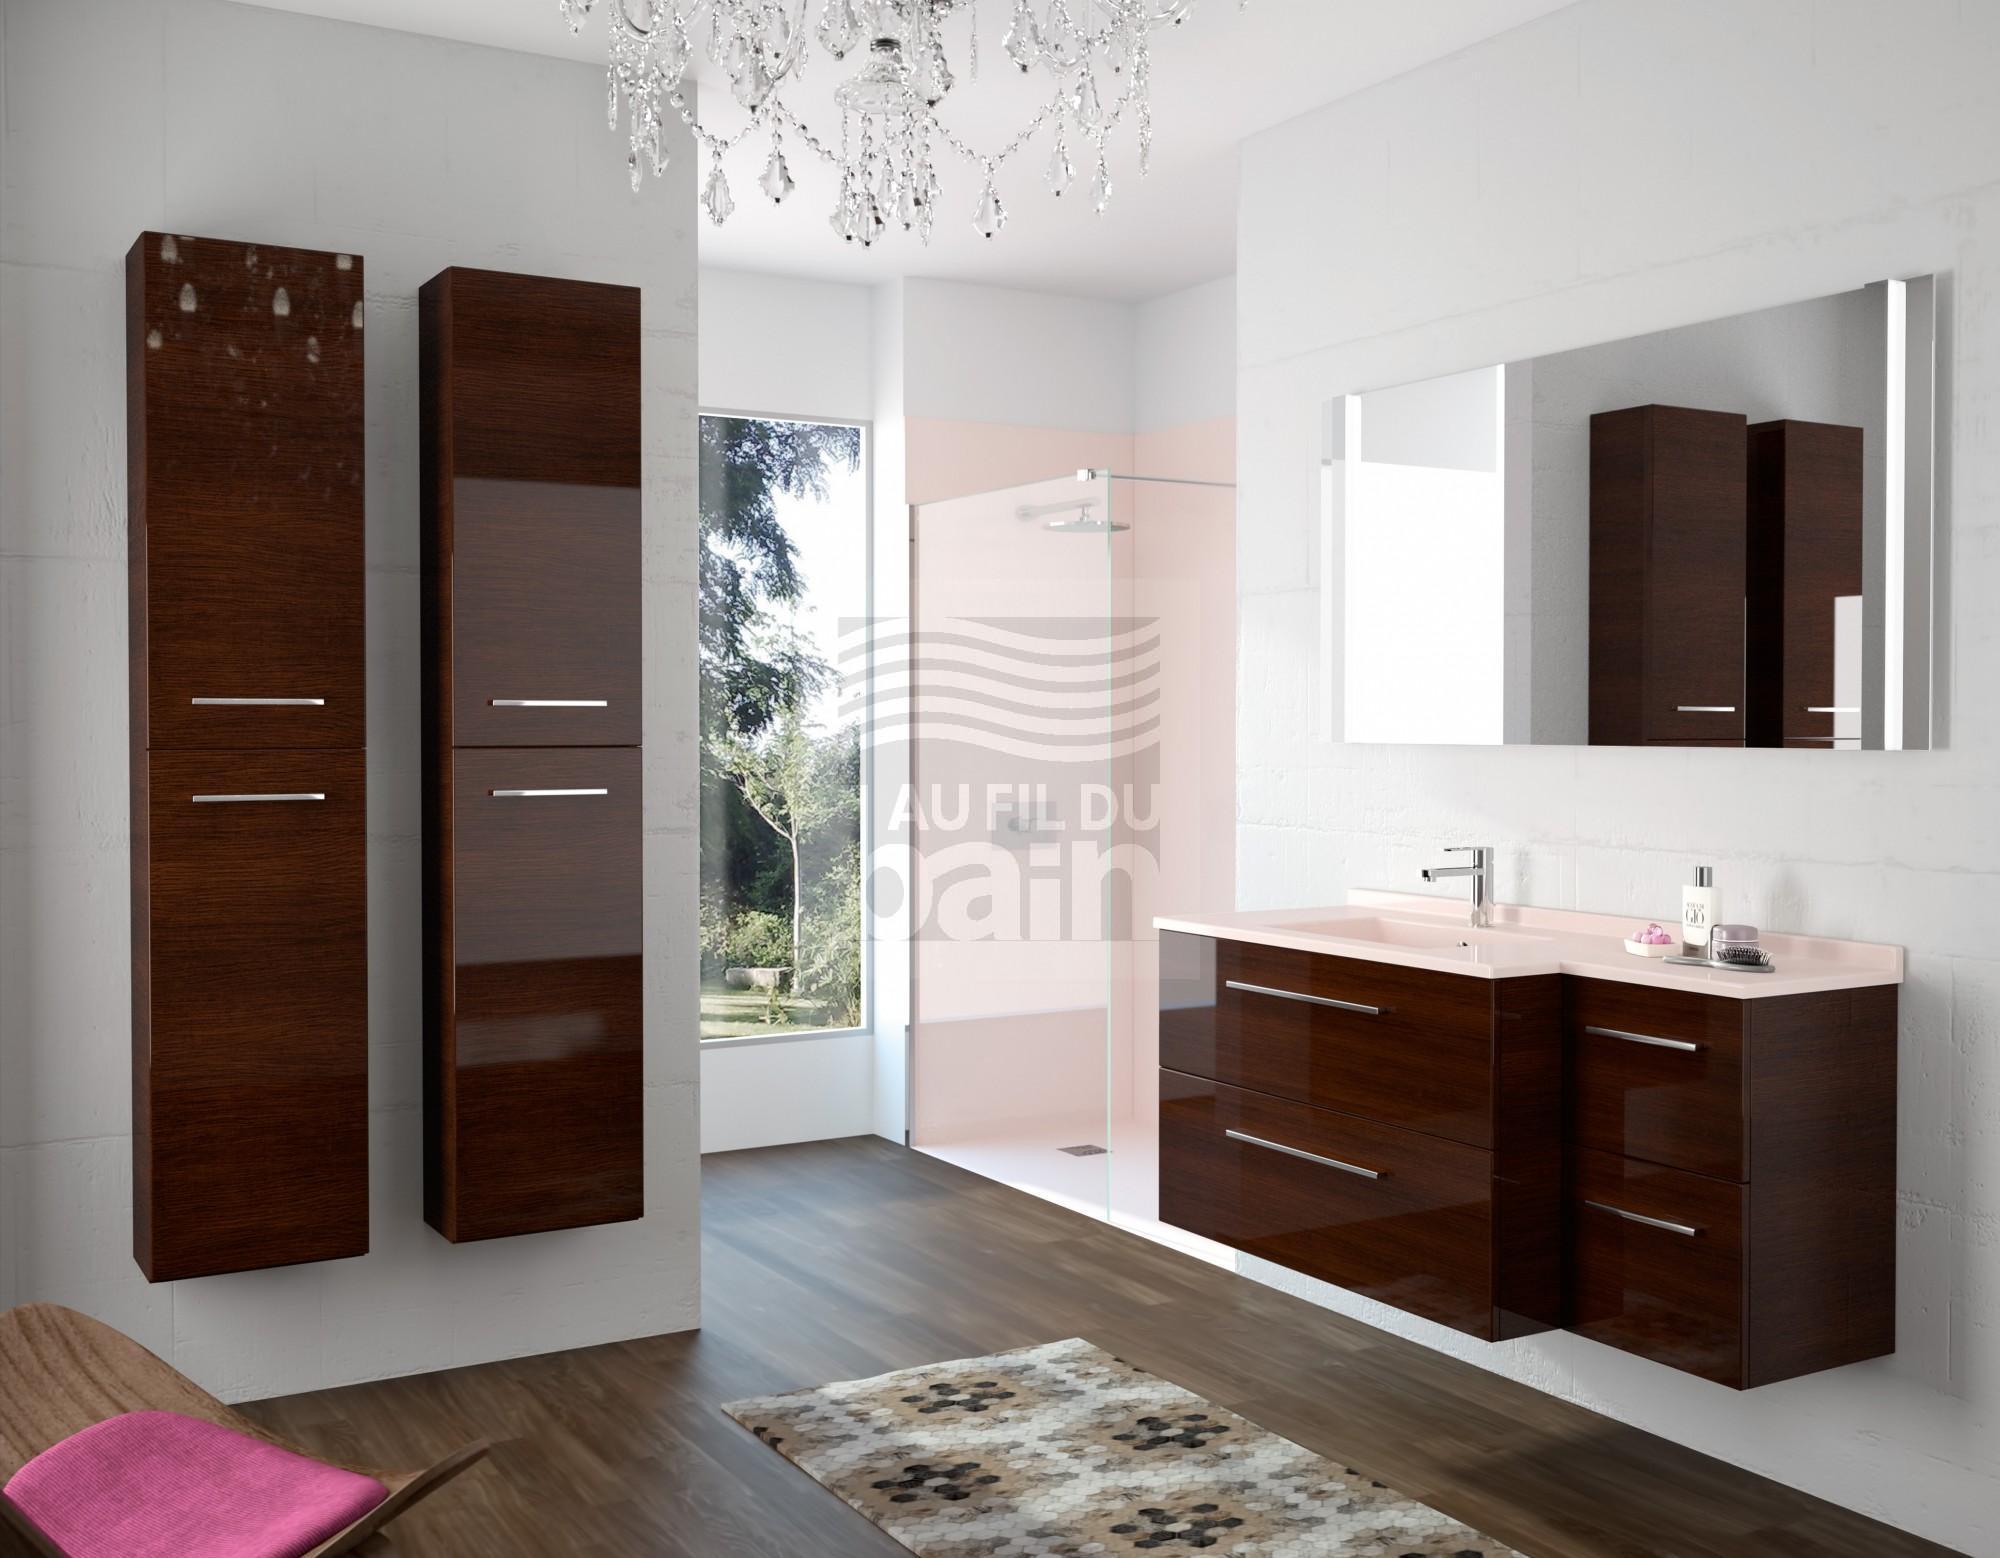 Meubles de salle de bains suspendus simple vasque avec - Meuble vasque salle de bain brico depot ...